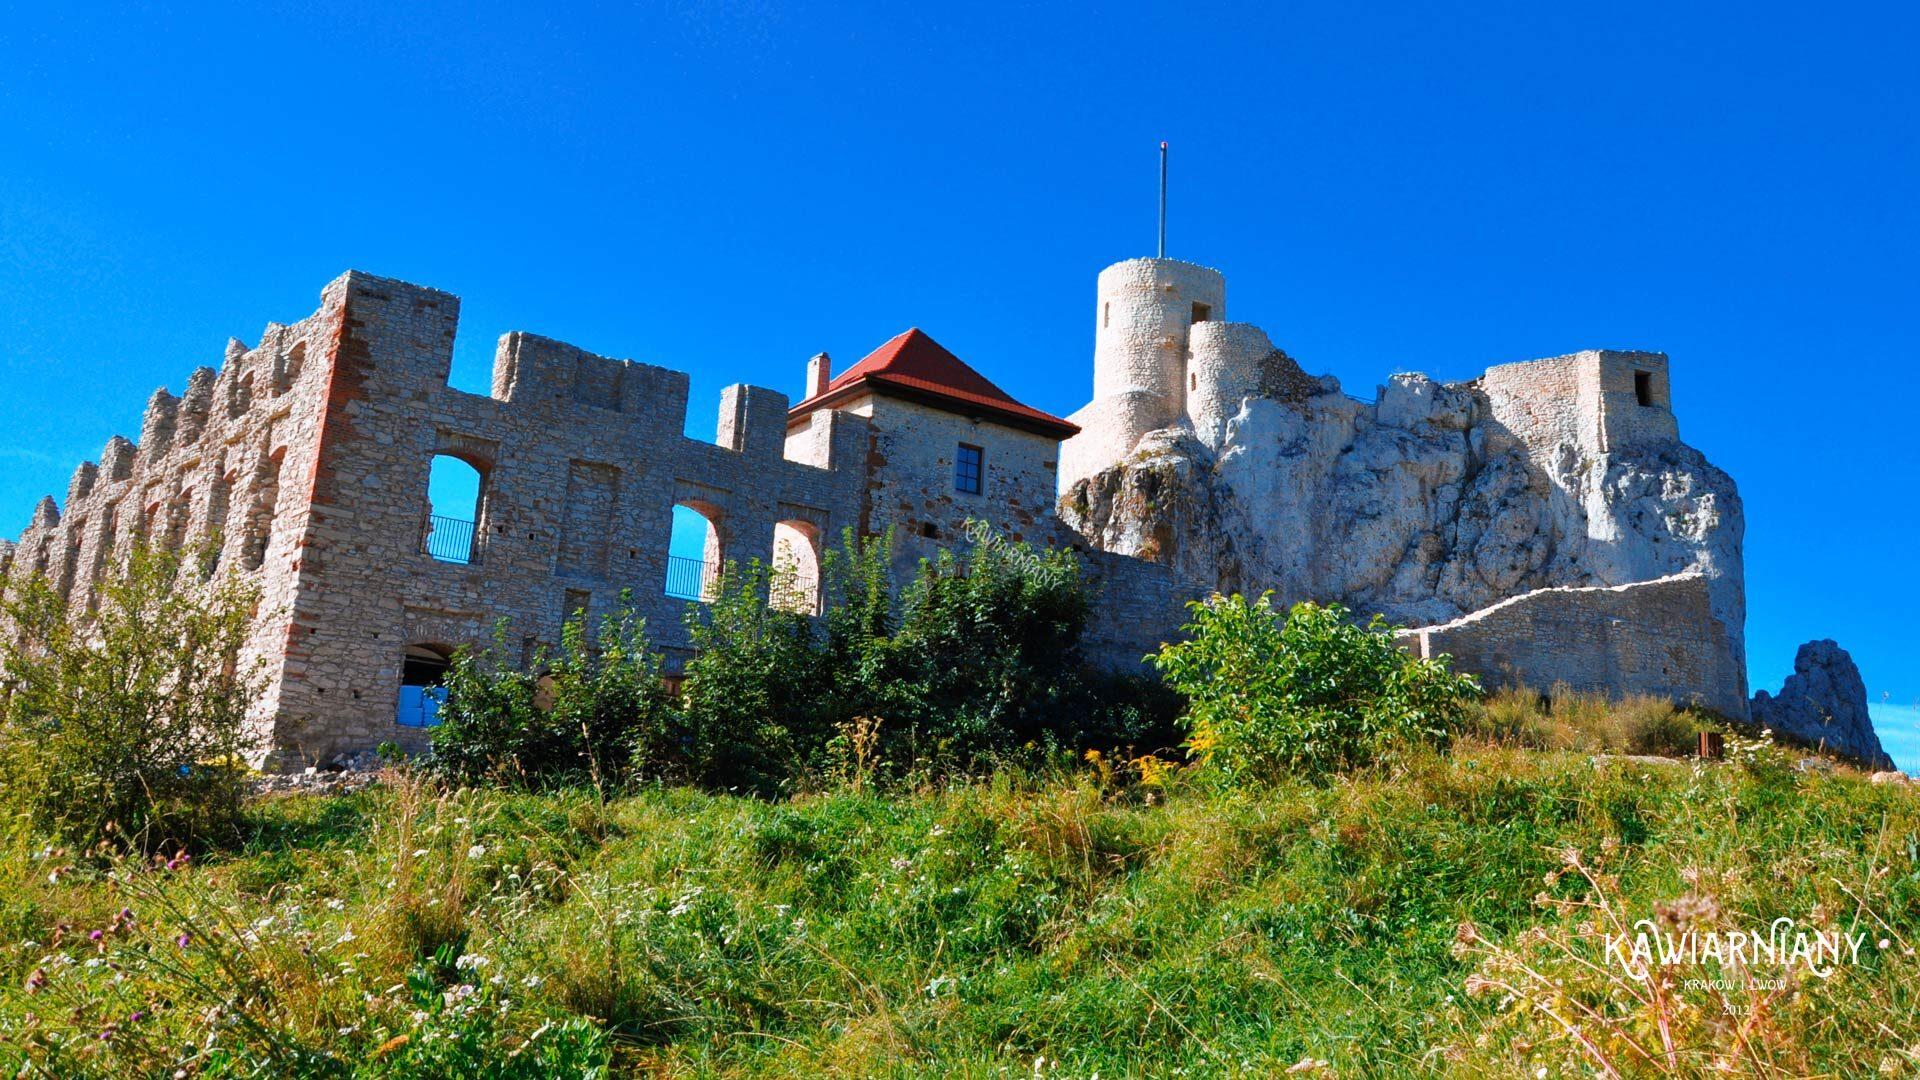 zwiedzanie zamku rabsztyn